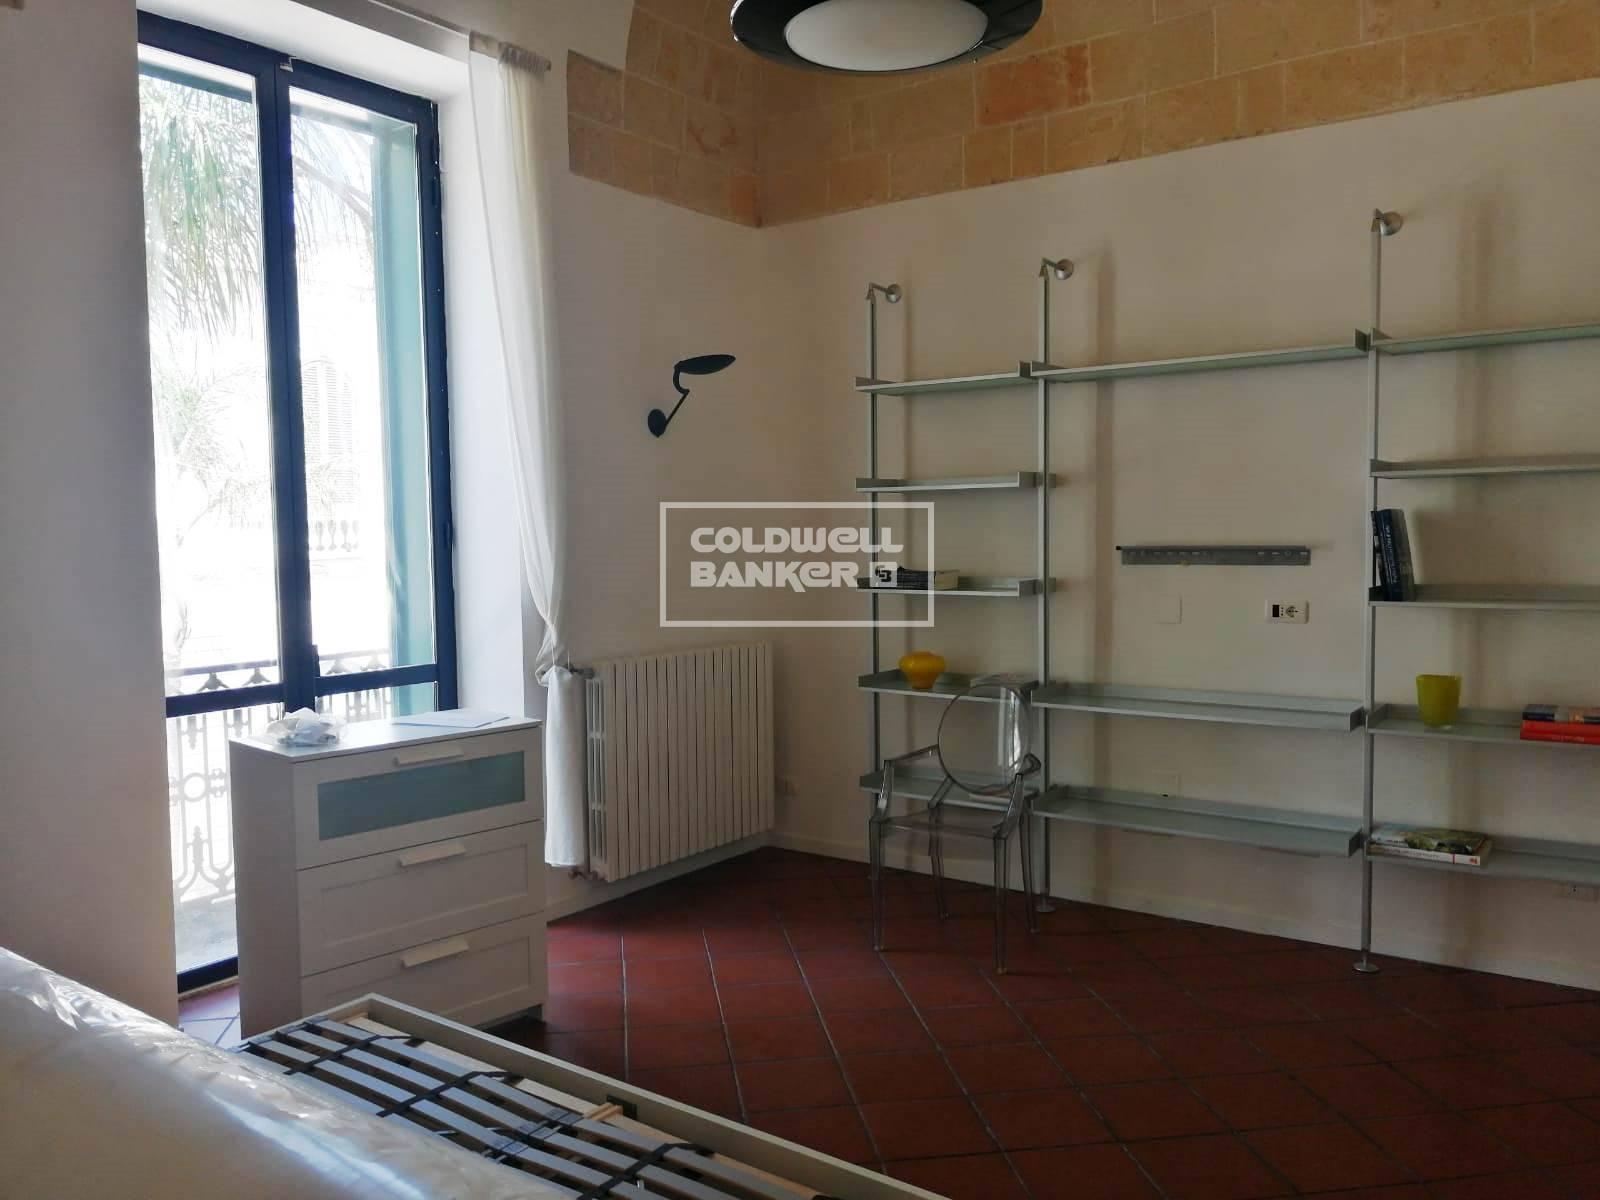 Appartamento in vendita a Brindisi, 3 locali, zona Località: Centro, prezzo € 250.000 | CambioCasa.it